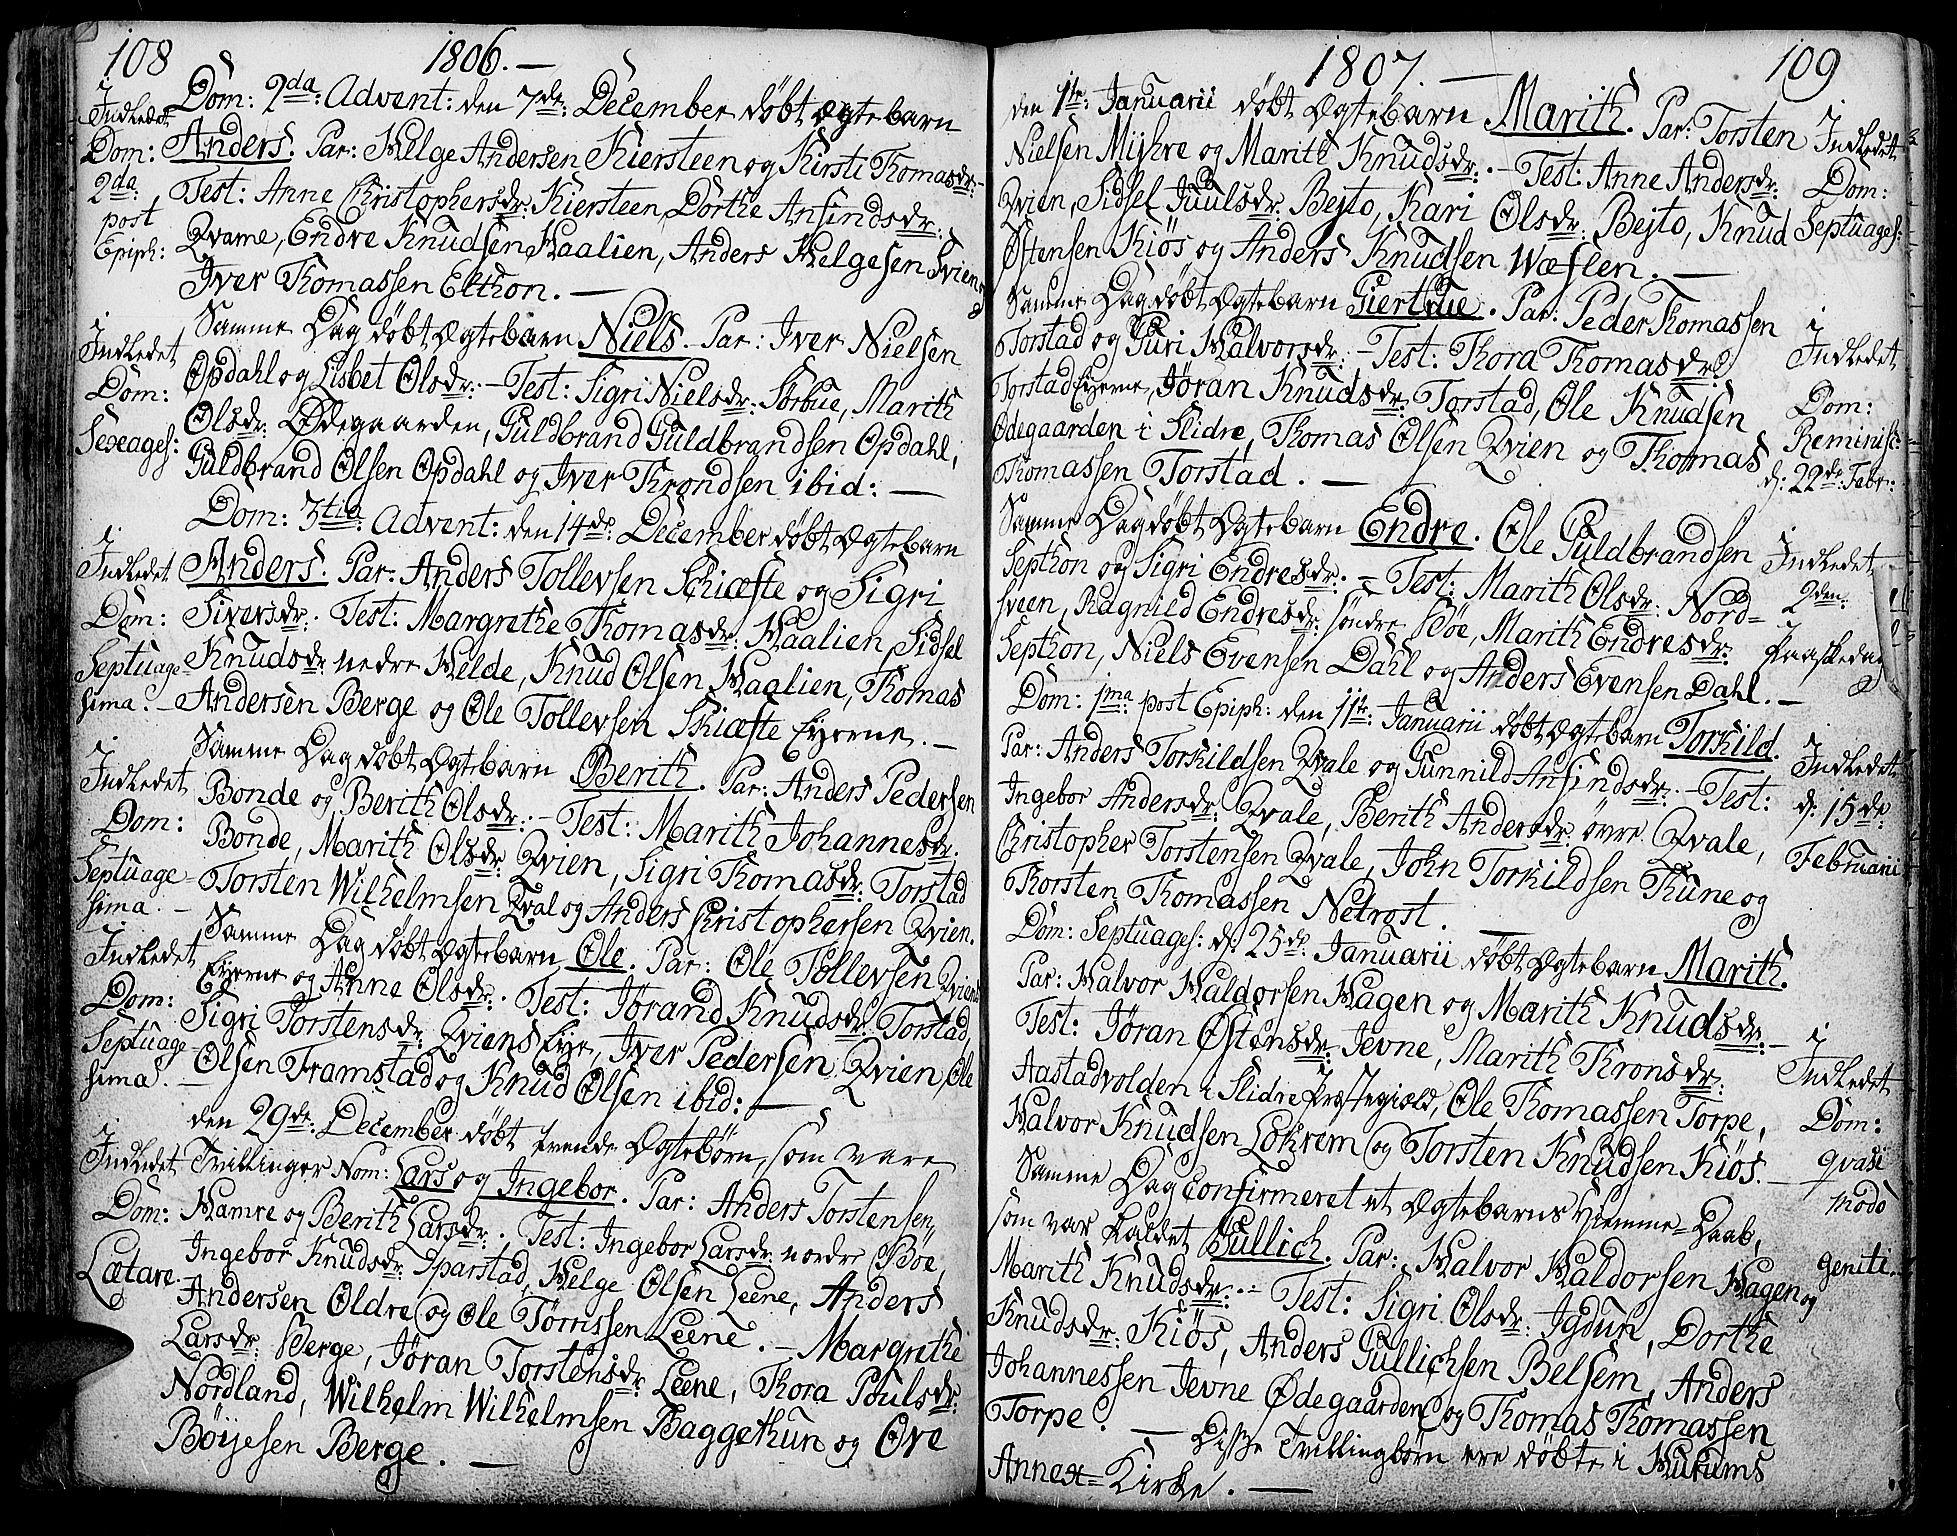 SAH, Vang prestekontor, Valdres, Ministerialbok nr. 2, 1796-1808, s. 108-109